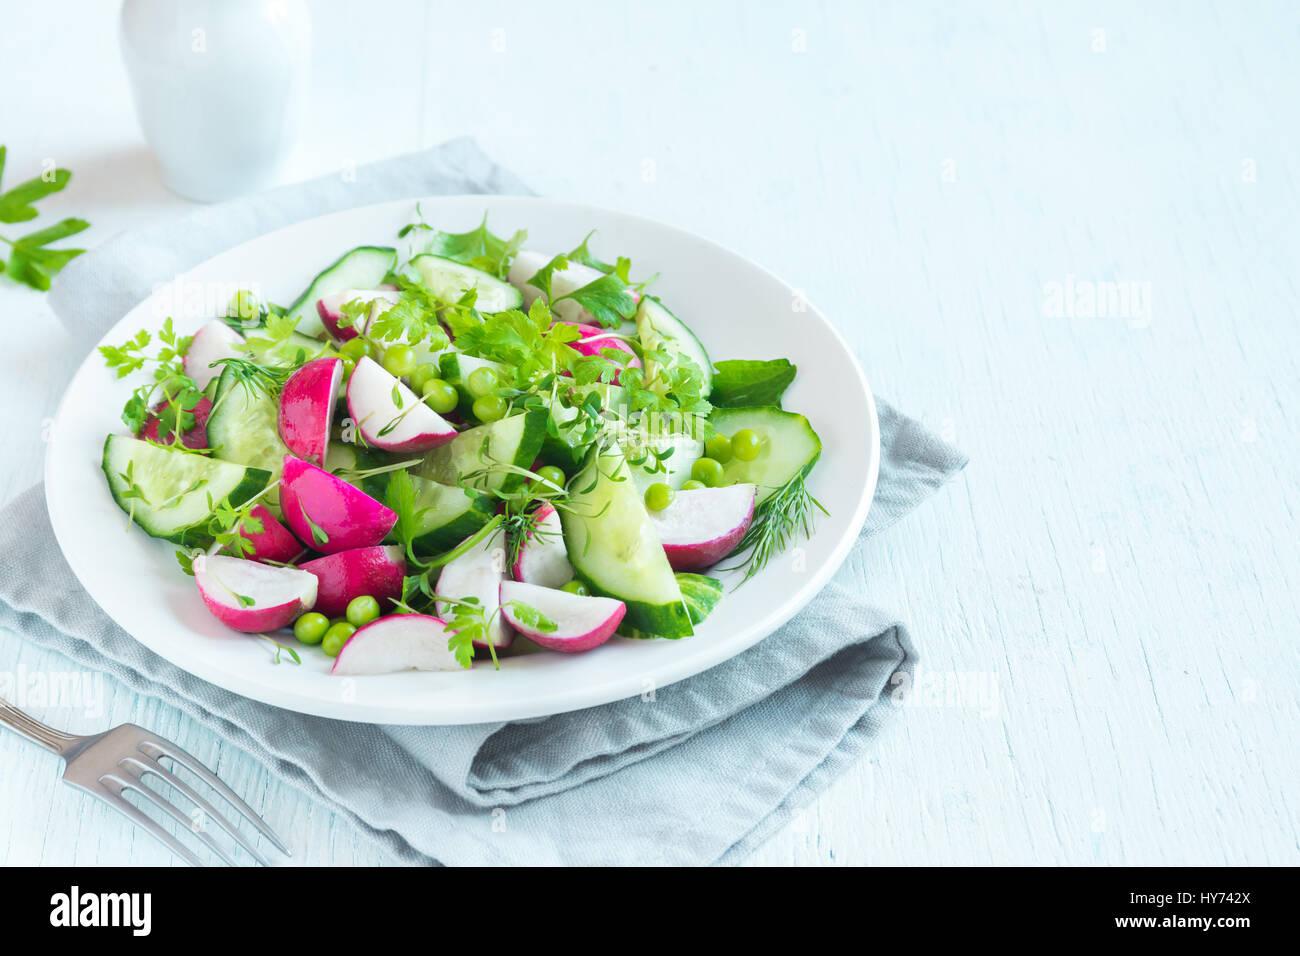 Gesundes Gemüse Frühlingssalat mit Rettich, Gurken, grüne Erbsen und Rosenkohl, Diät, vegetarisch, Stockbild